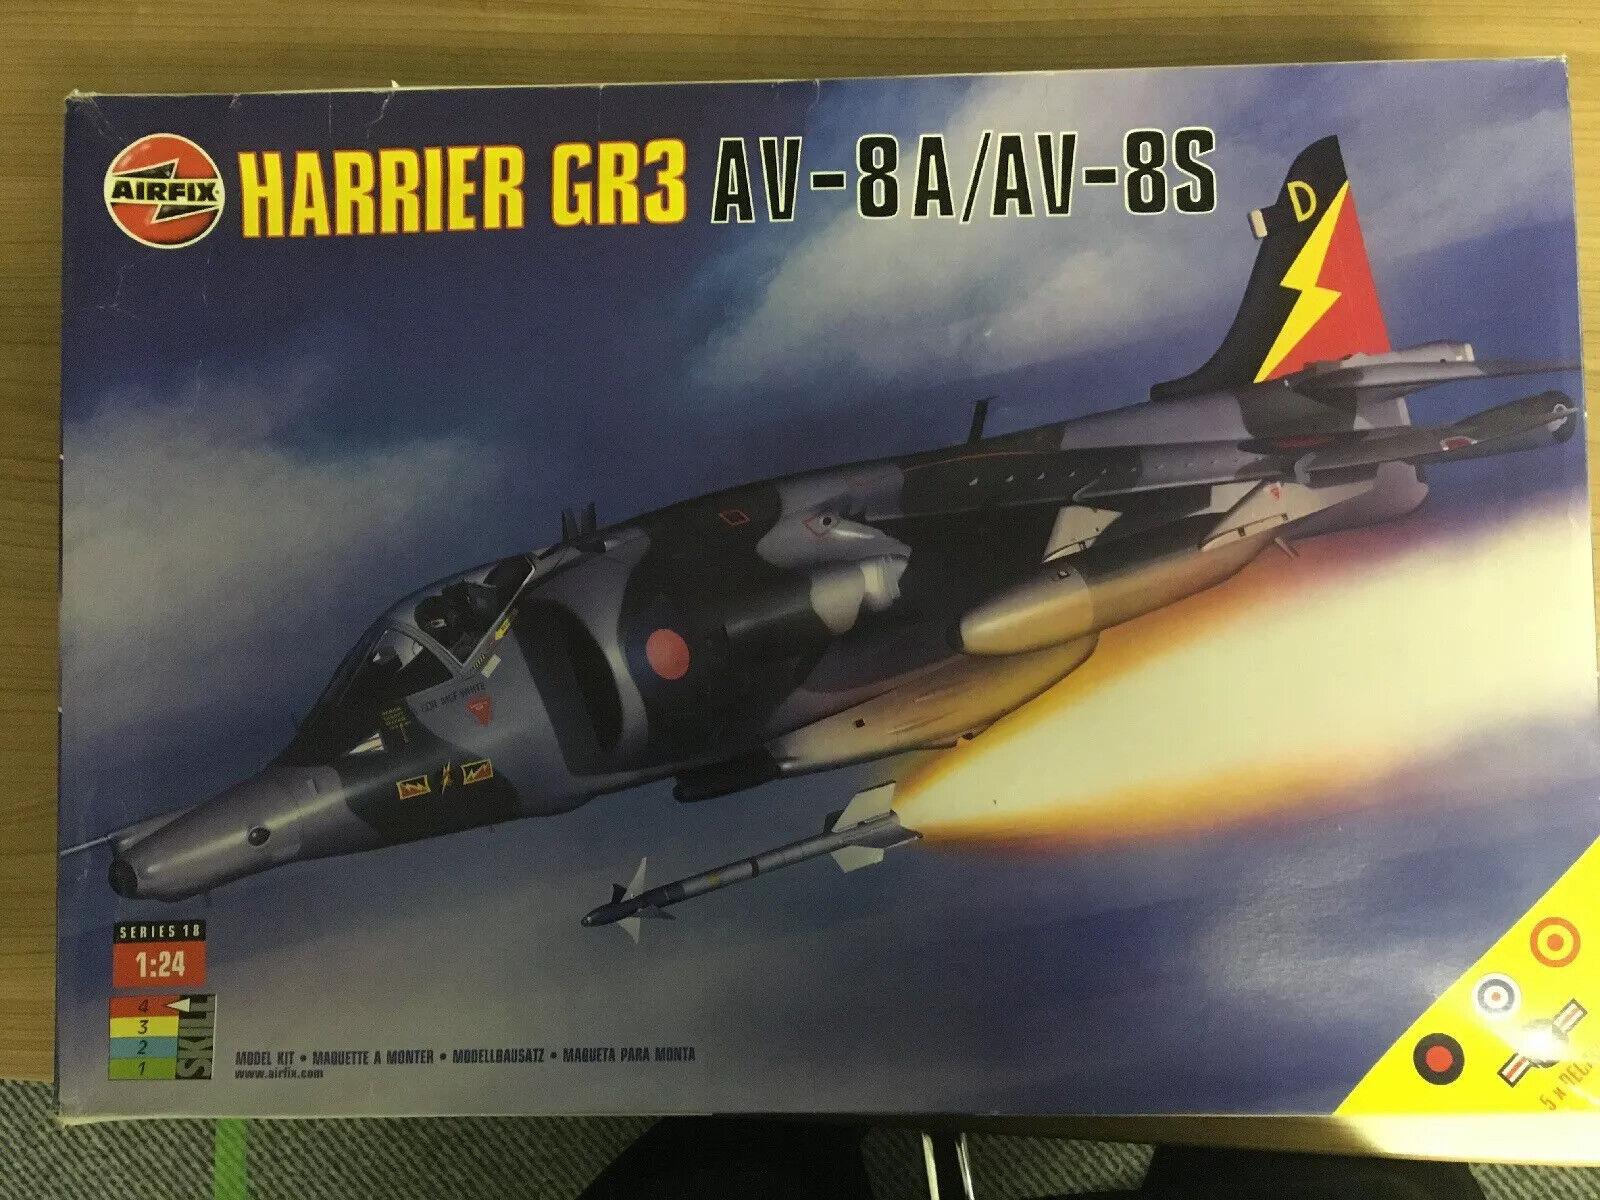 Harrier 1 24 Airfix A18003 Modelllbausatz BAe Harrier Gr.3 AV-8A AV-8S